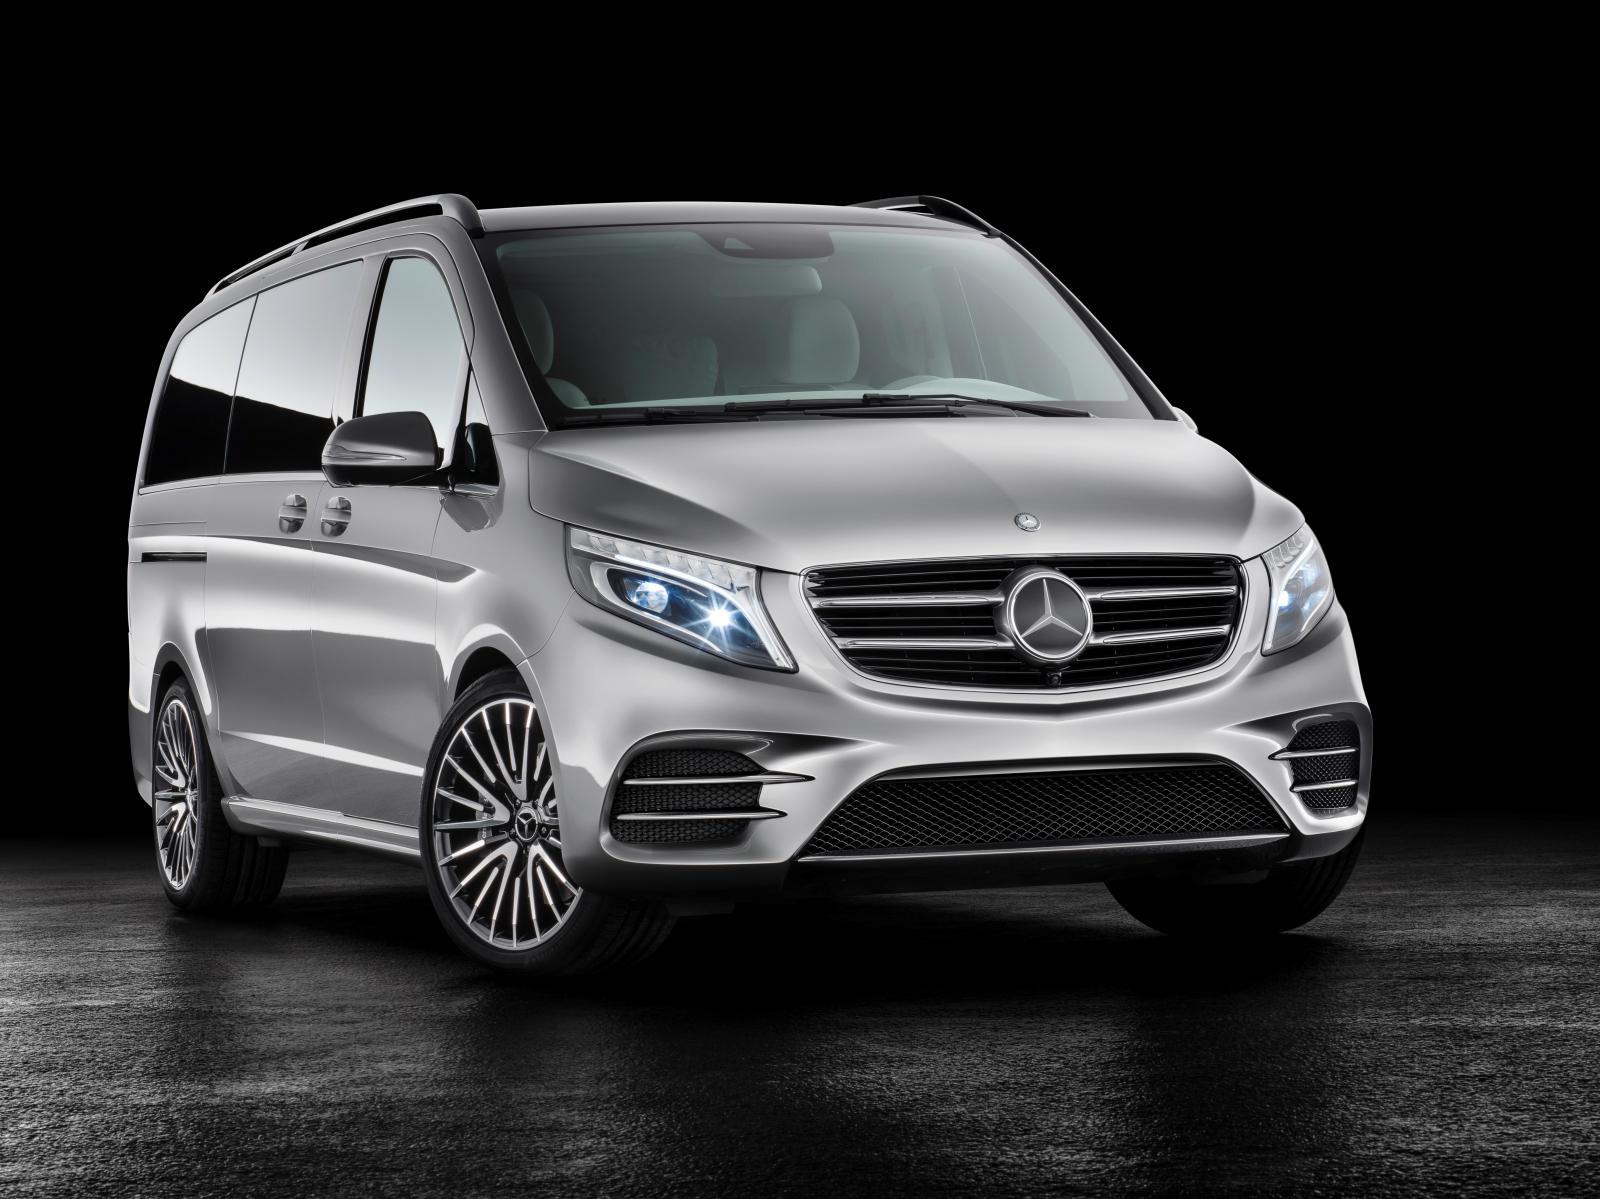 Mercedes-Benz_Concept_Vision_e_1